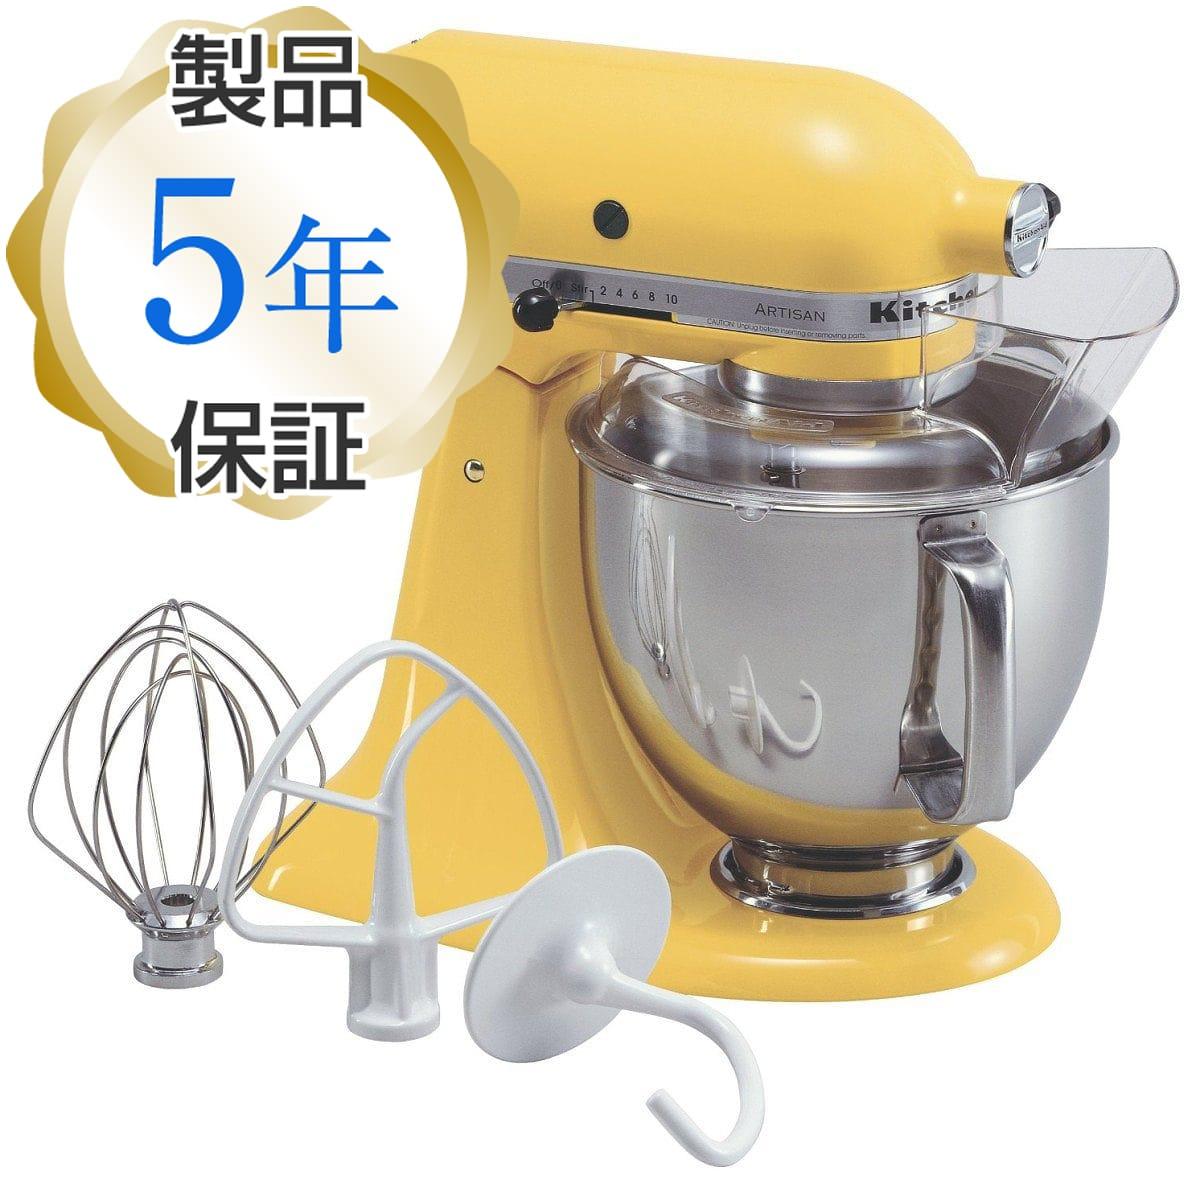 キッチンエイド スタンドミキサー アルチザン 4.8L バターカップ イエロー KitchenAid Artisan 5-Quart Stand Mixers KSM150PSBF Buttercup 【日本語説明書付】 家電